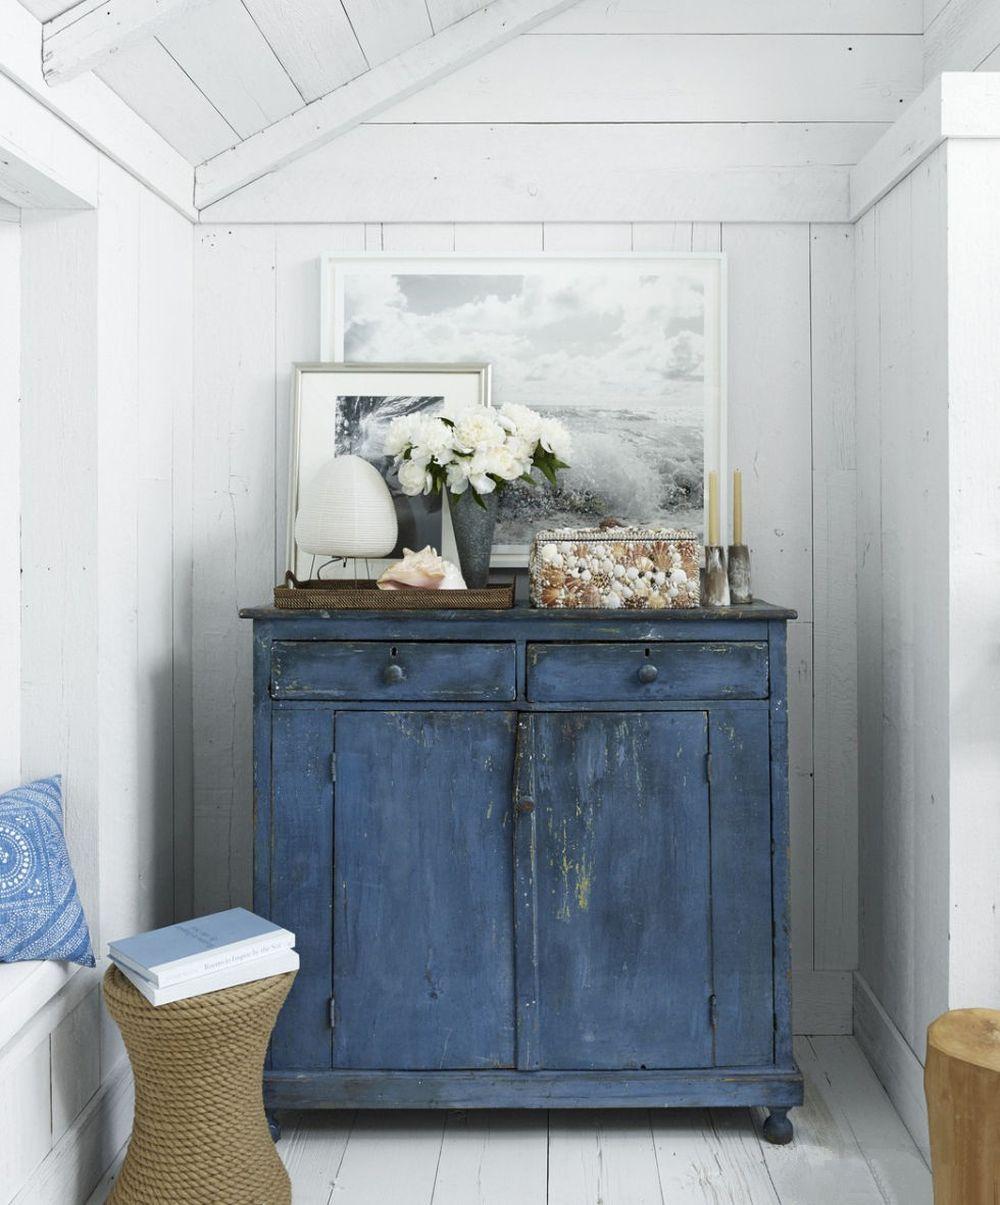 adelaparvu-com-despre-casa-de-vacanta-in-alb-si-albastru-designer-buffy-birrittella-foto-elle-decor-bjorn-wallander-7